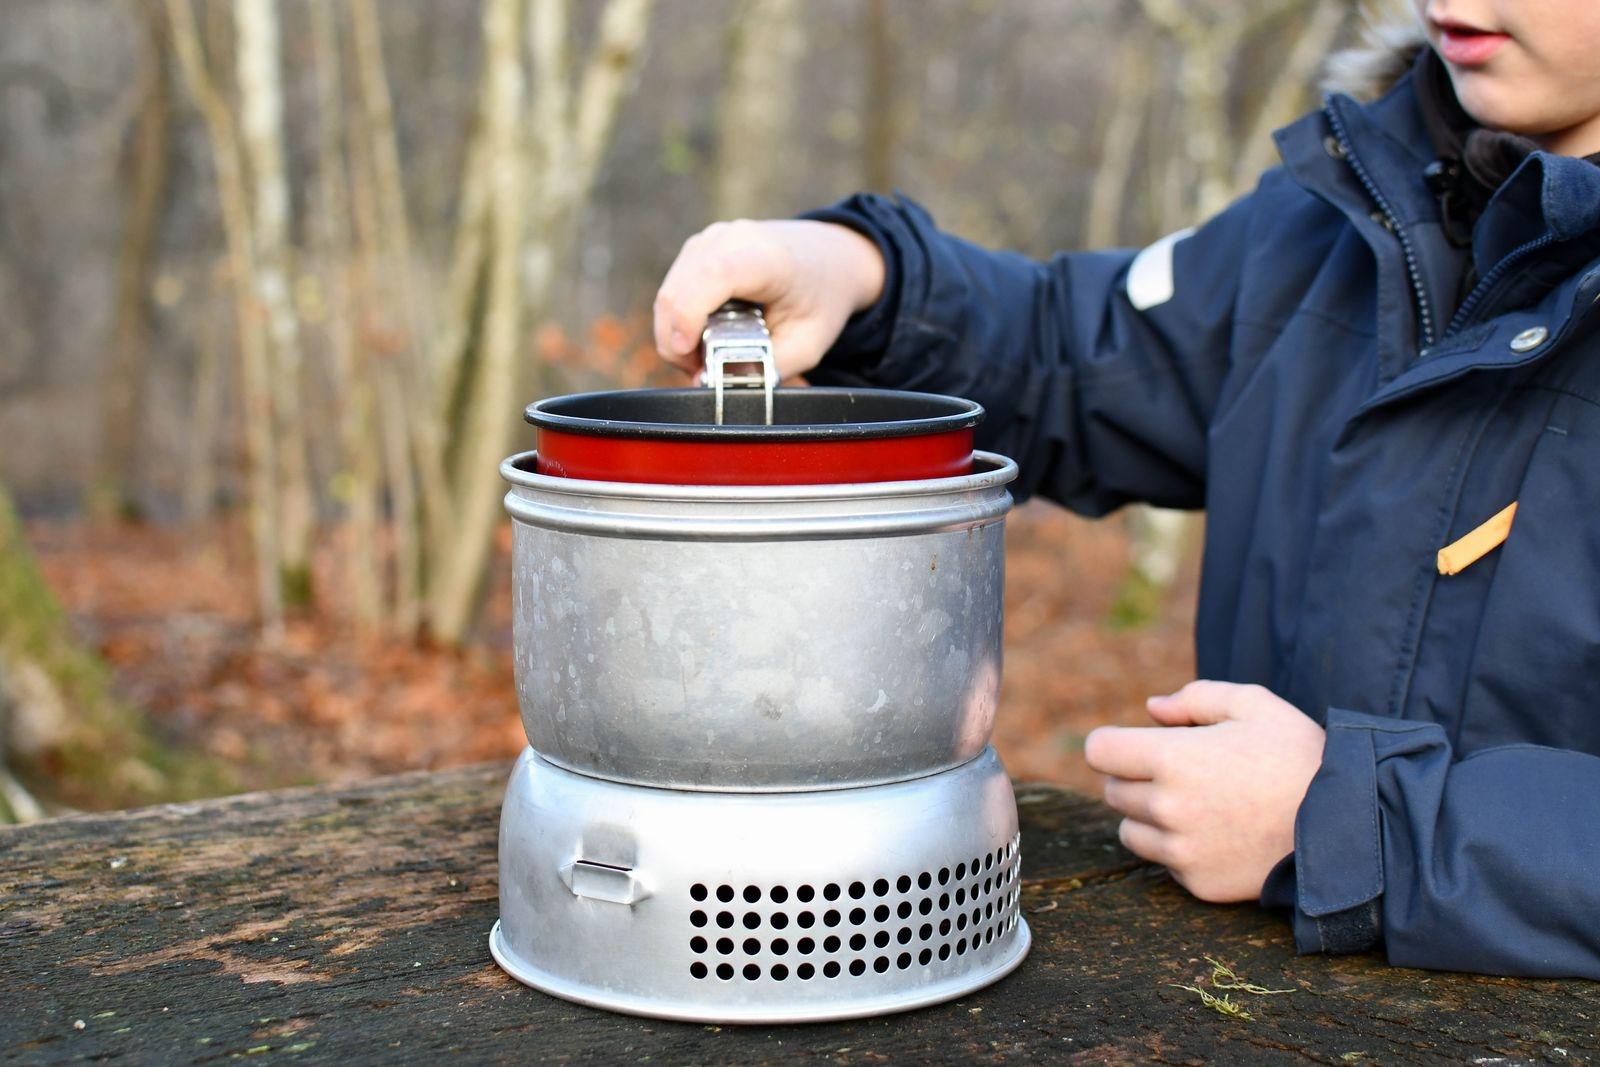 Tänd köket innan du sätter det övre vindskyddet på plats. Använder du kokkärl ställer du det på hållarna, nedsänkt i det övre vindskyddet.